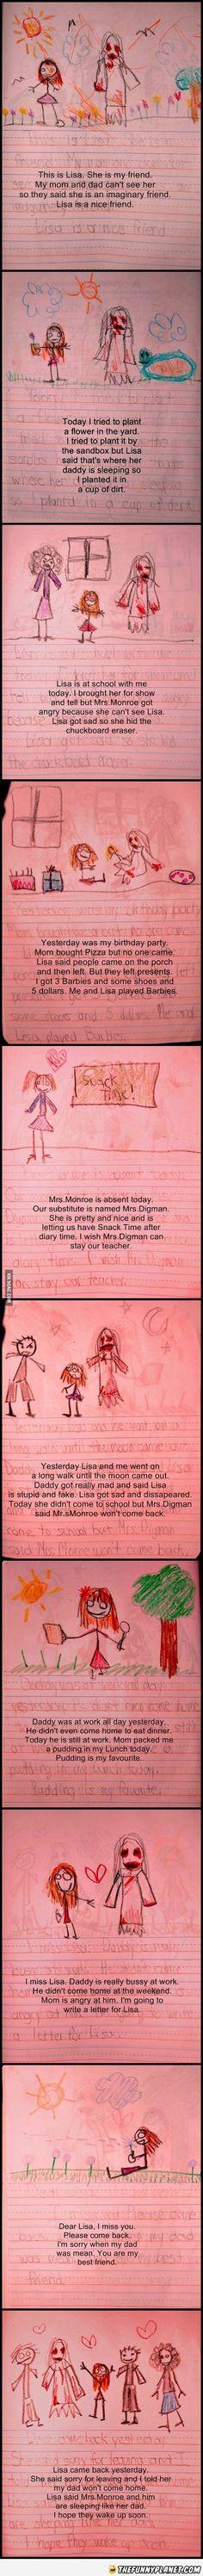 A really creepy...story, I hope lol